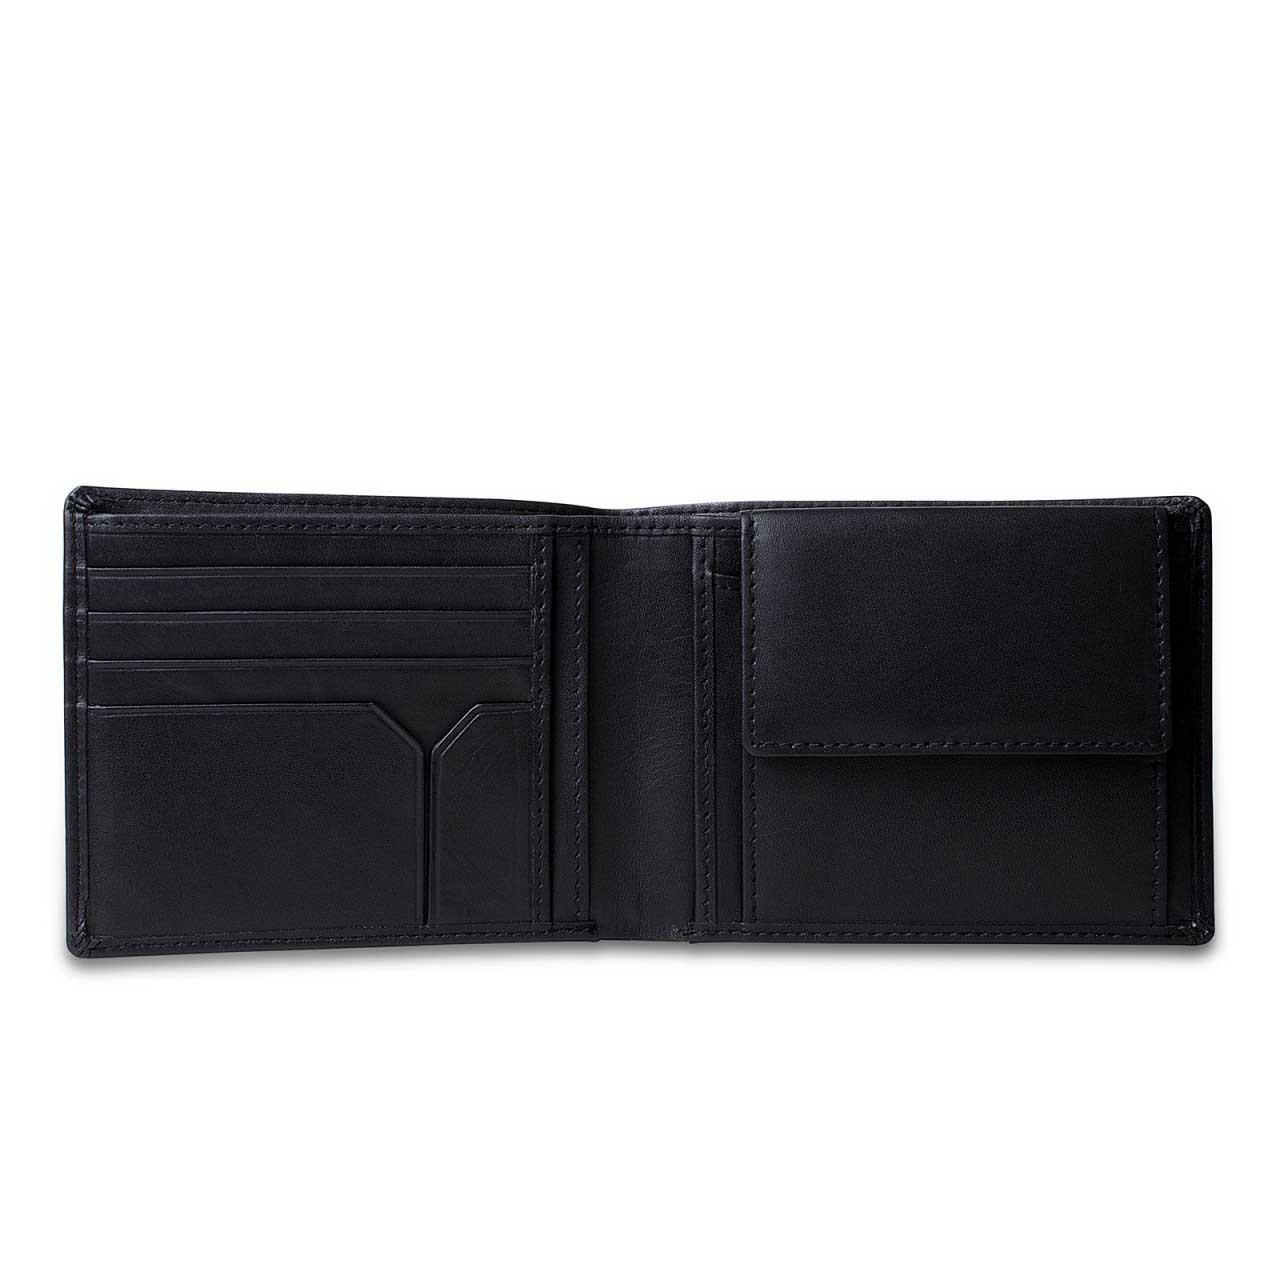 STILORD Portemonnaie aus Leder Geldbörse Brieftasche Ledergeldbörse Portmonee Geldbeutel Etui EC-Karten Leder schwarz - Bild 7